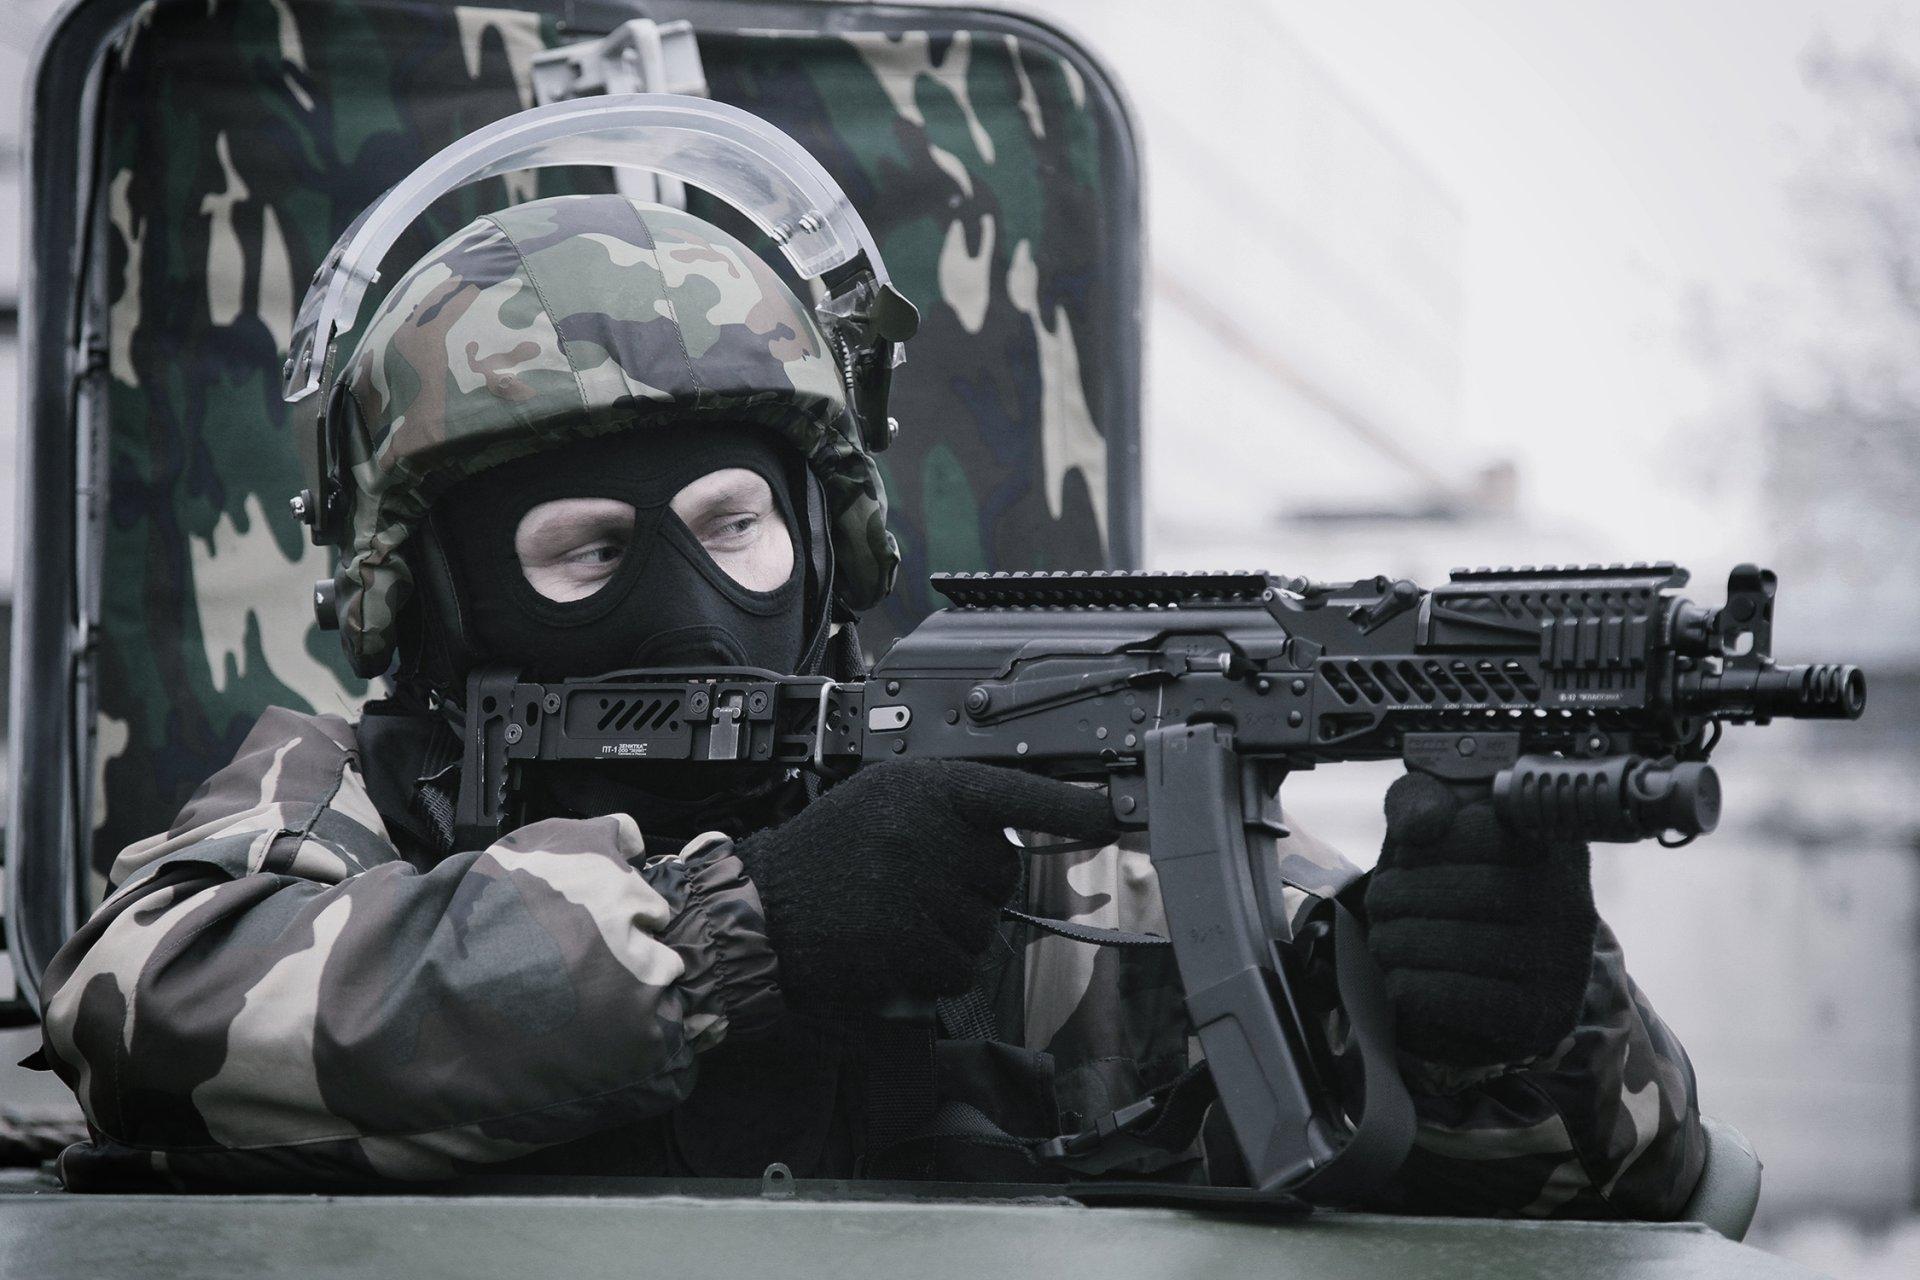 отдых русский солдат картинки на аву словам олега, отношения